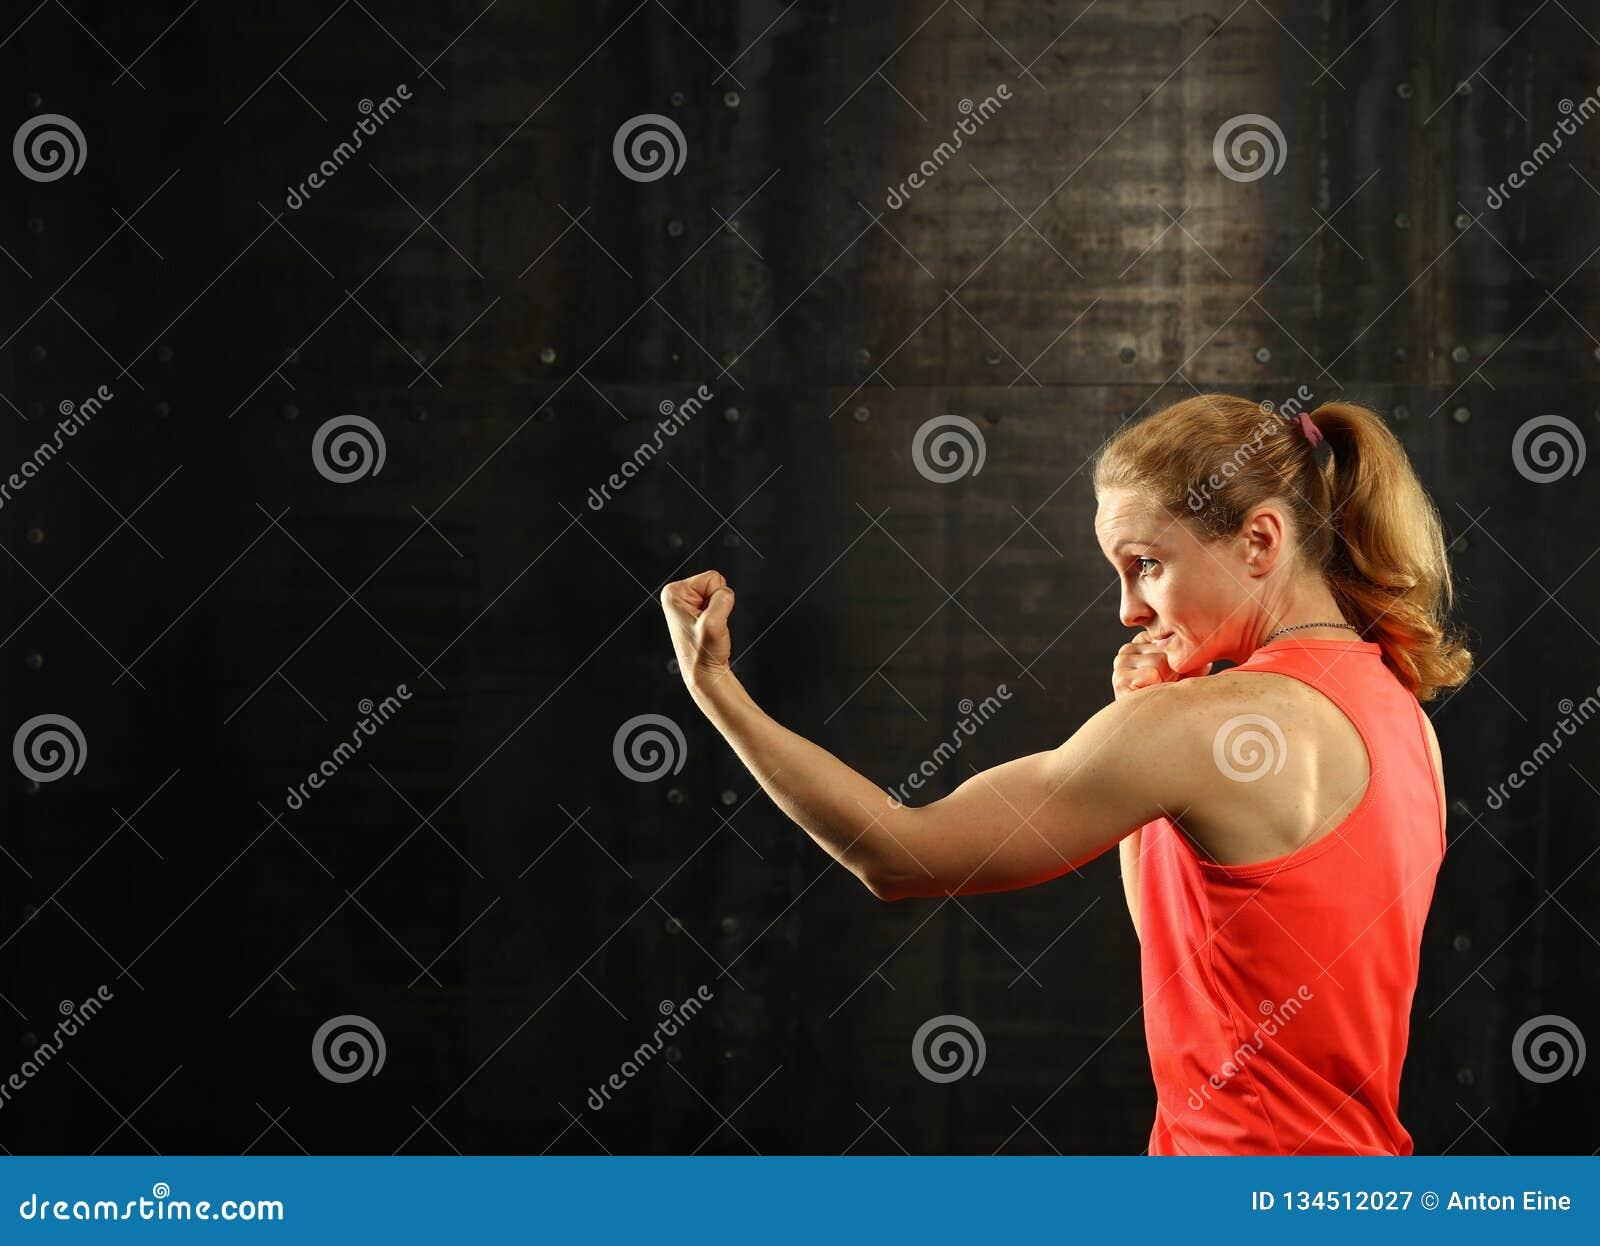 High waist fitness leggings for girls. Gym leggings or